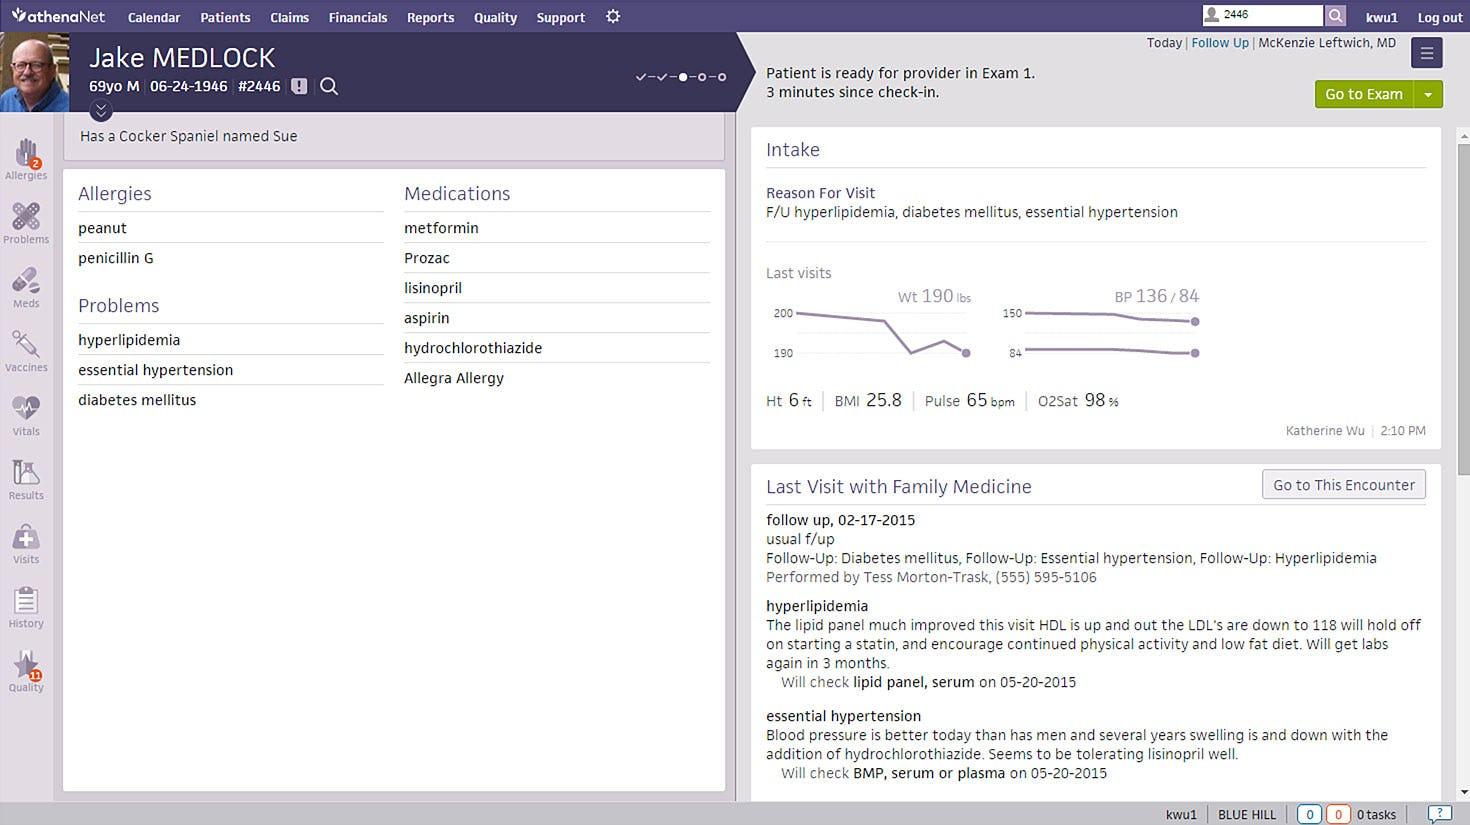 athenaOne Software - Capture patient details